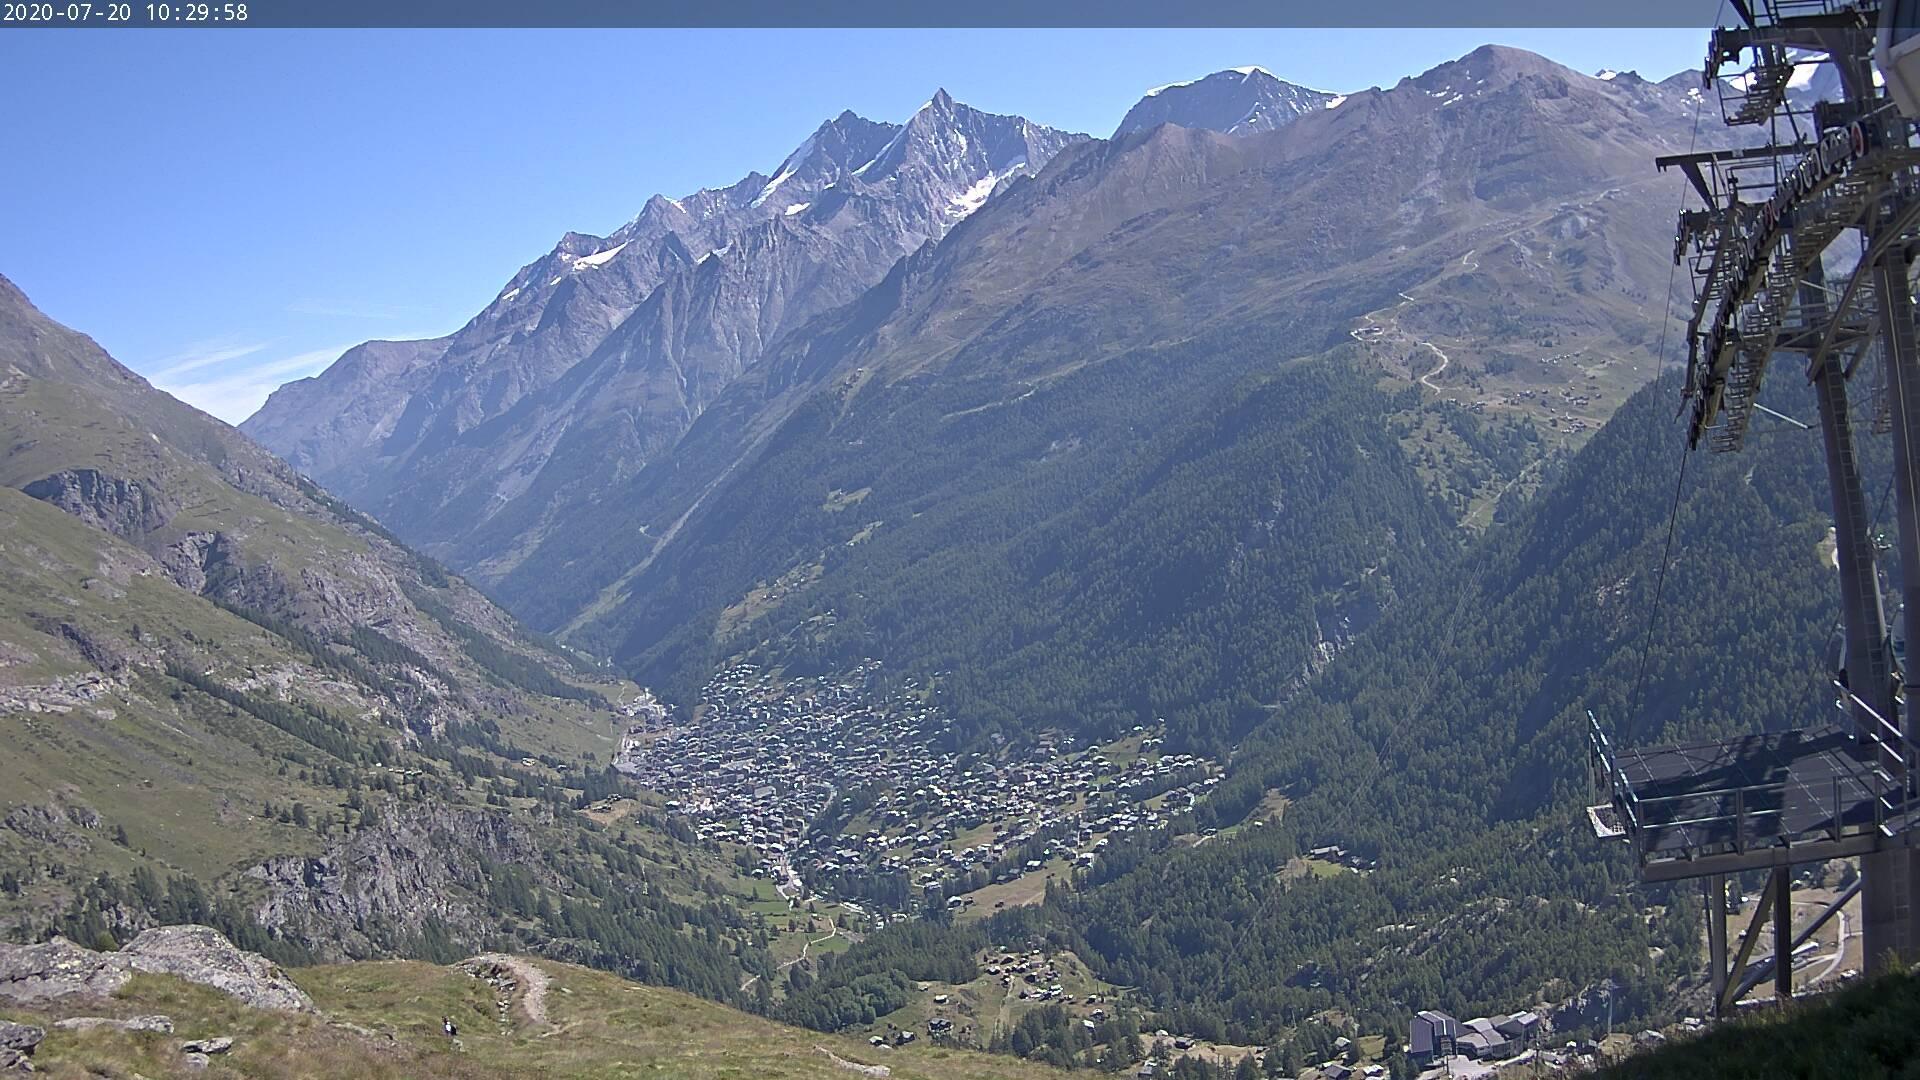 Webcam Fiery: Aroleid − Matterhorn Zermatt